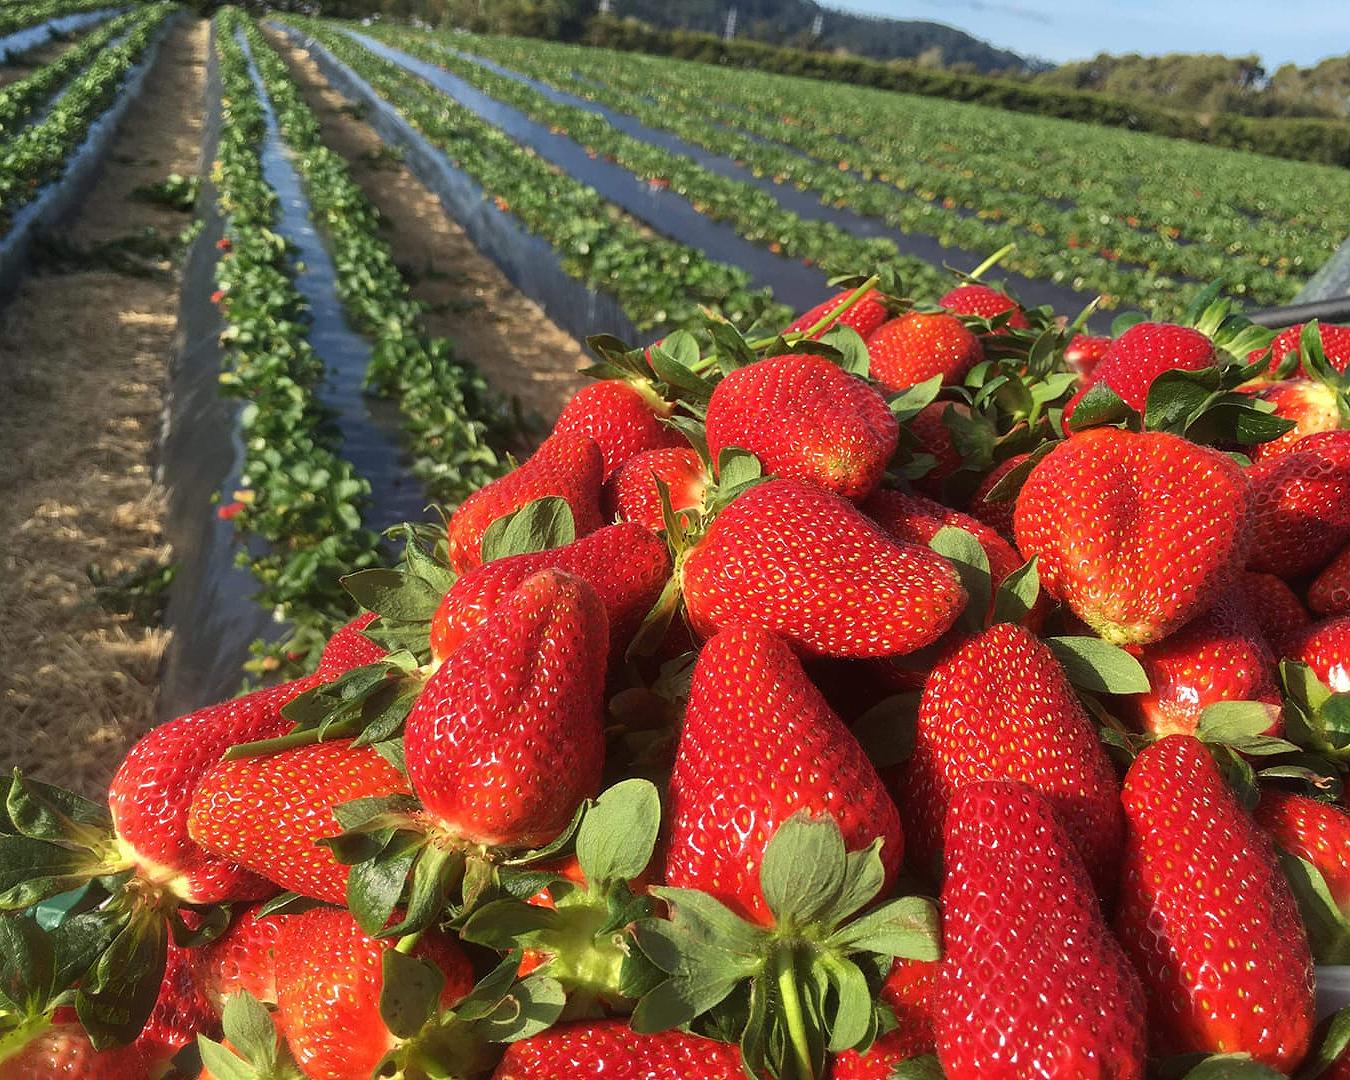 Heaping strawberries at Zaberri.